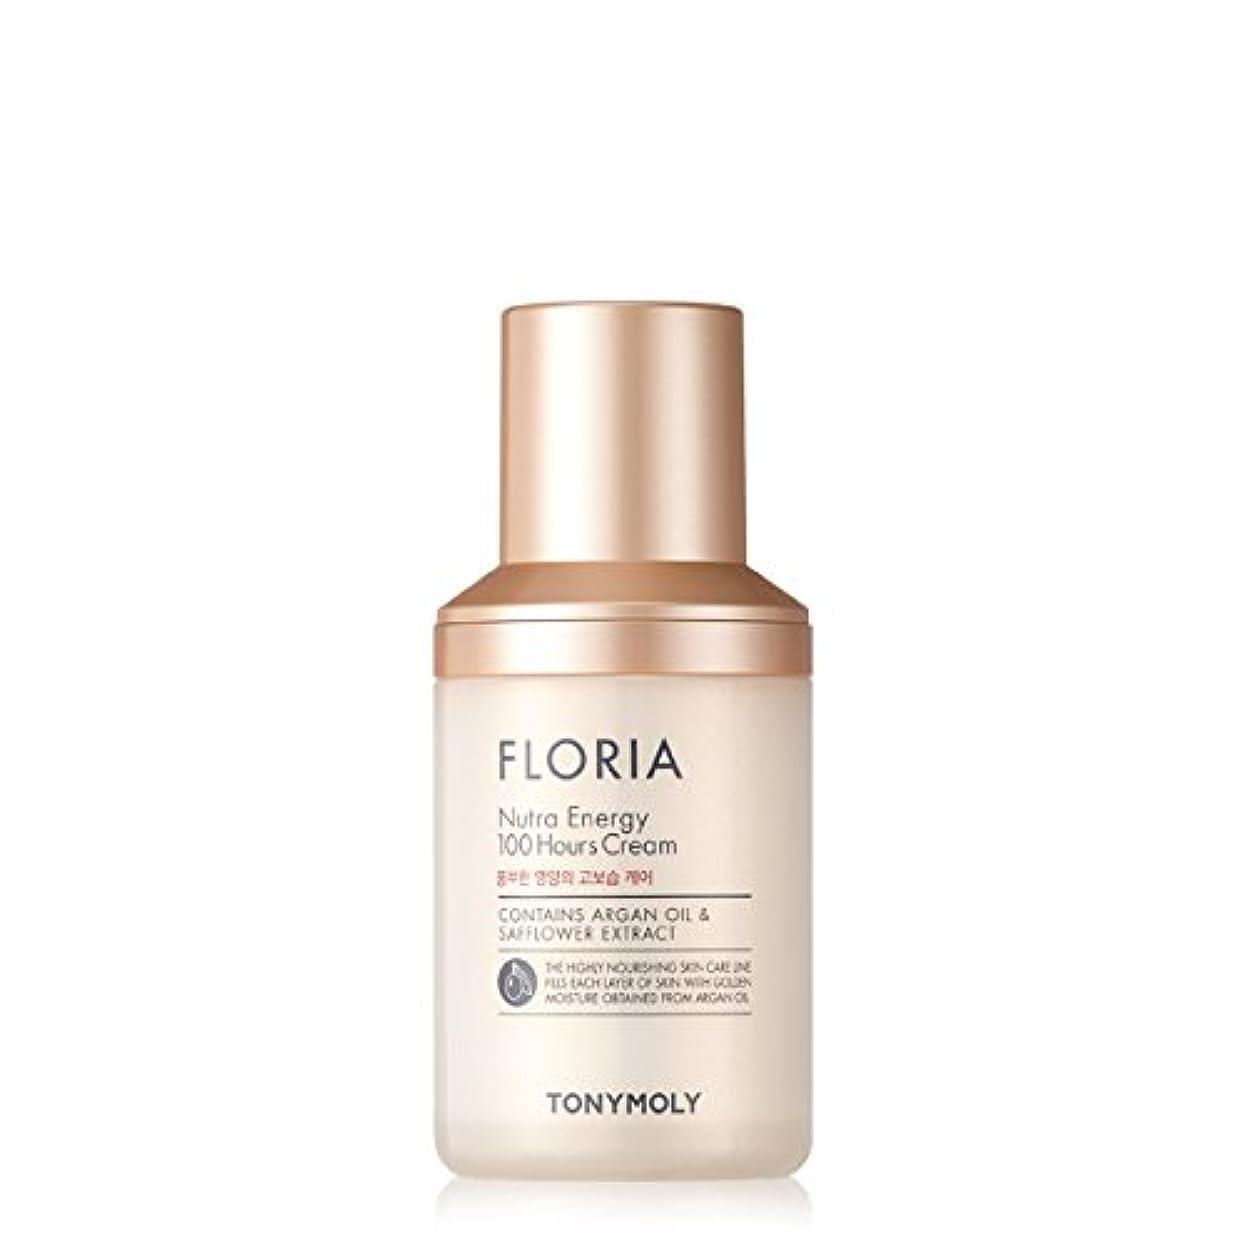 廃止延ばす擁する[NEW] TONY MOLY Floria Nutra energy 100 hours Cream 50ml トニーモリー フローリア ニュートラ エナジー 100時間 クリーム 50ml [並行輸入品]